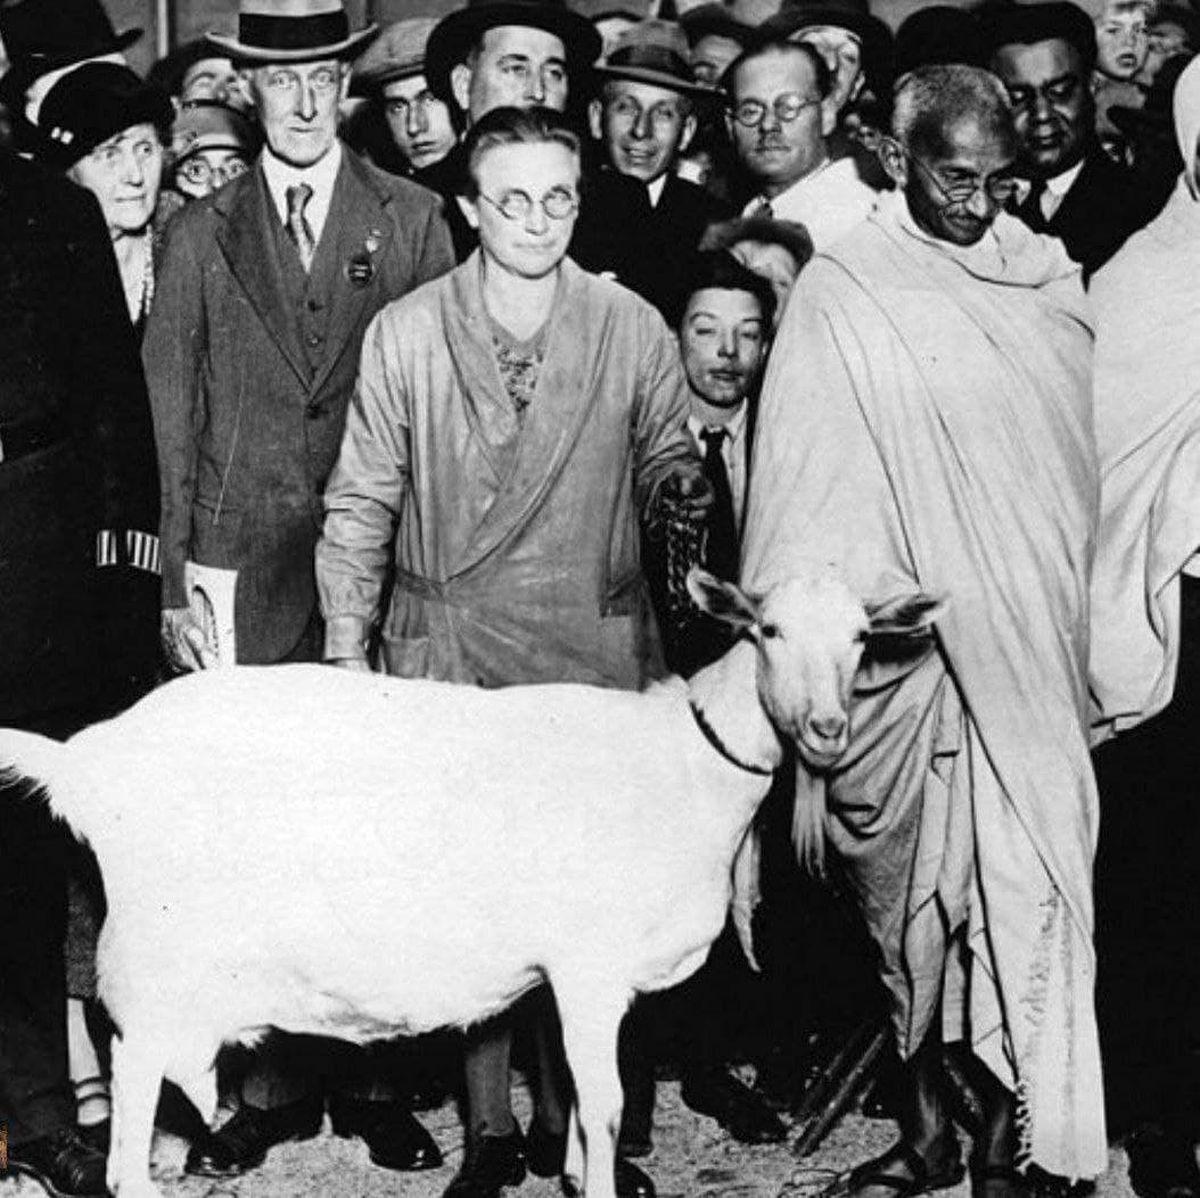 عکسی قدیمی از بز غیر قانونی گاندی!